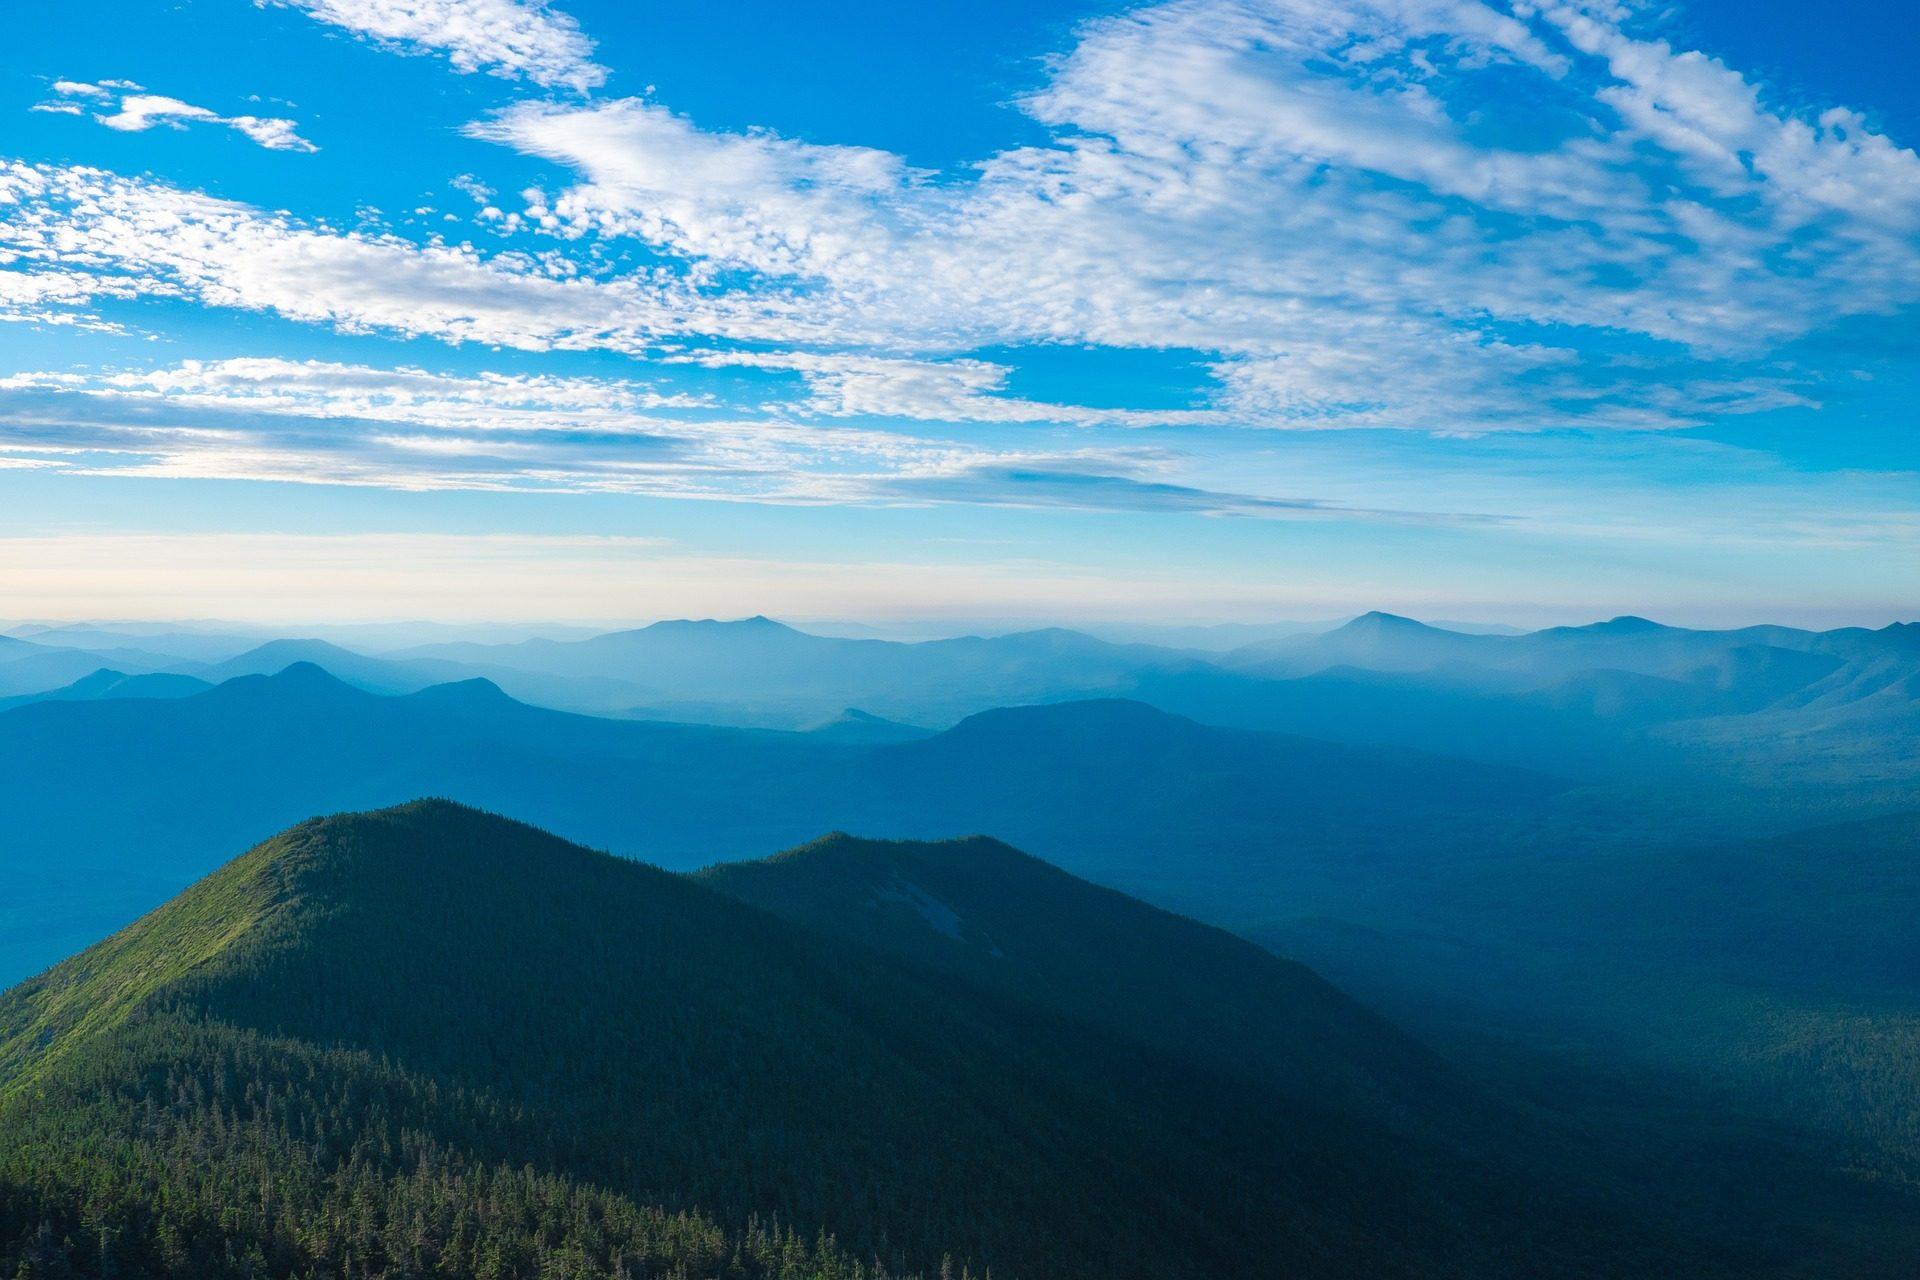 montagne, picchi, Pizza, altezza, orizzonte, nebbia, nuvole, Cielo - Sfondi HD - Professor-falken.com